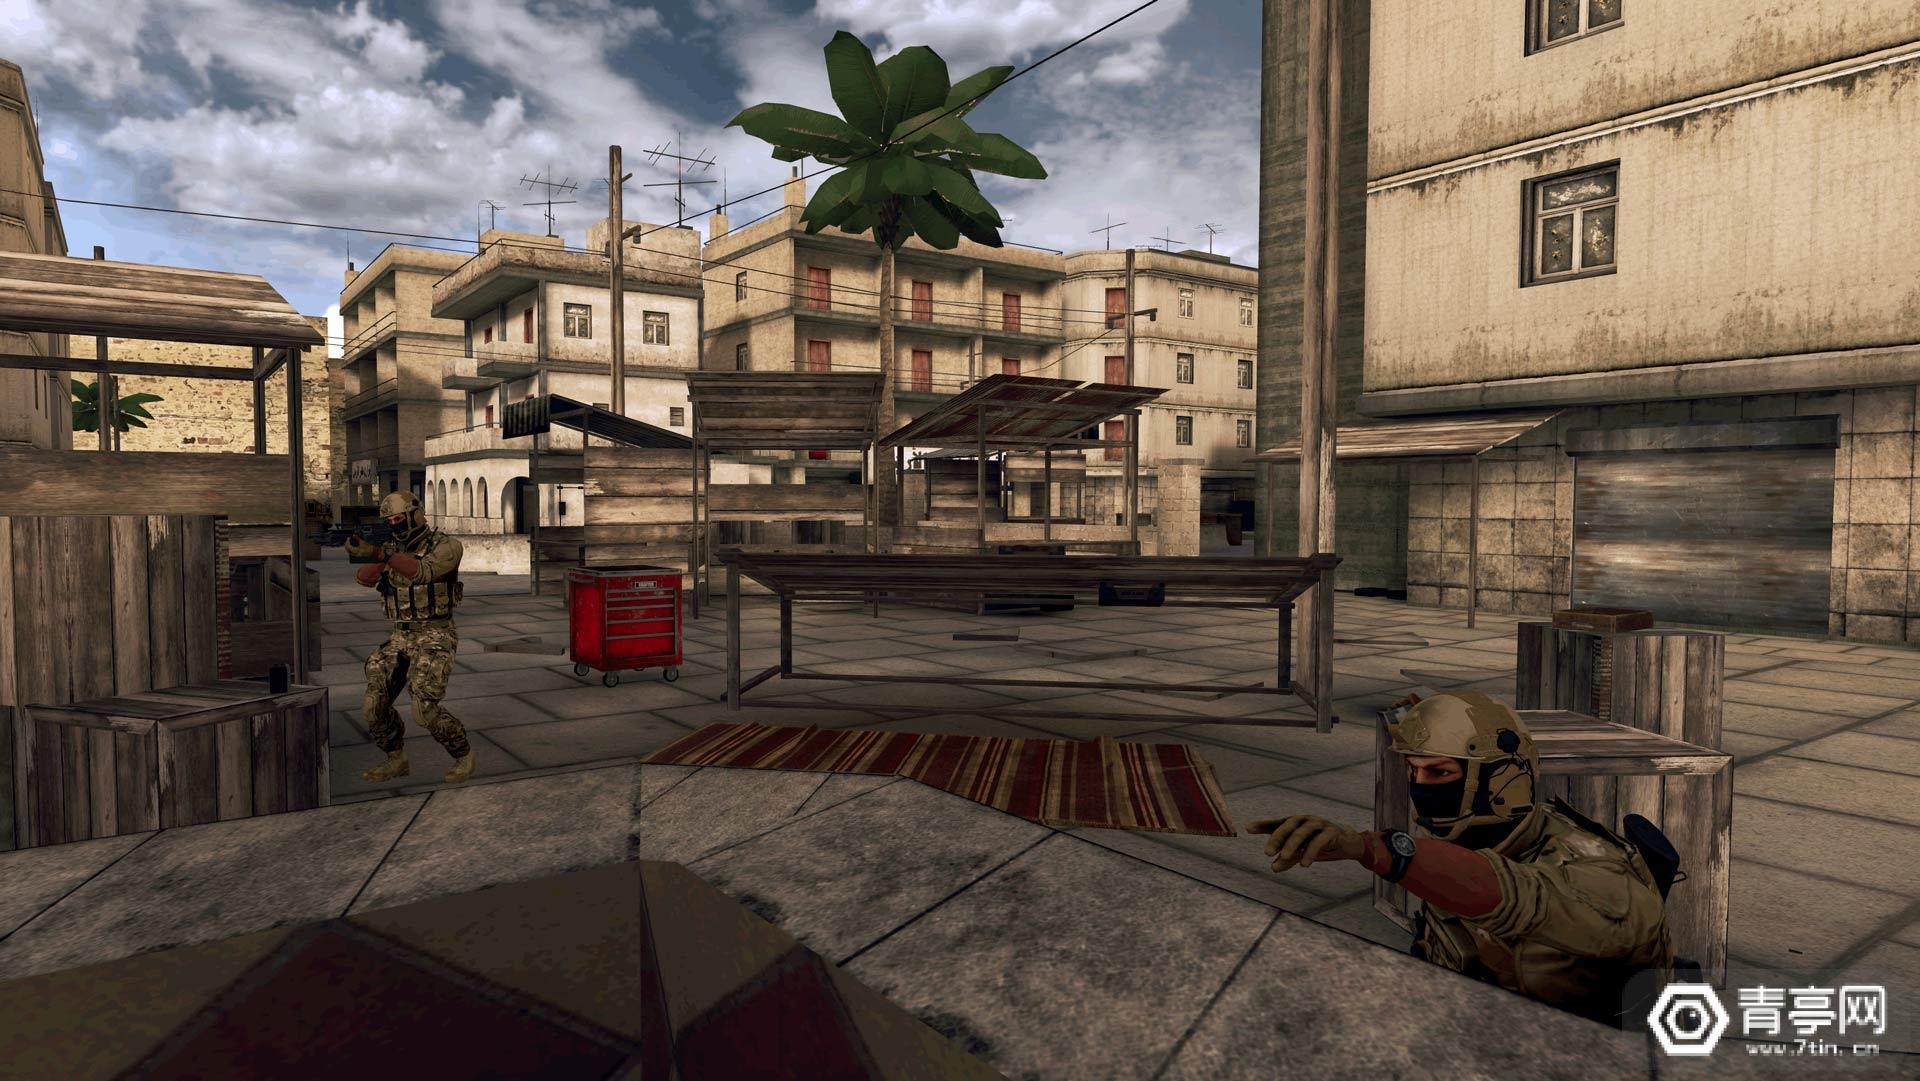 多人射击VR游戏《Onward》将发布防作弊补丁